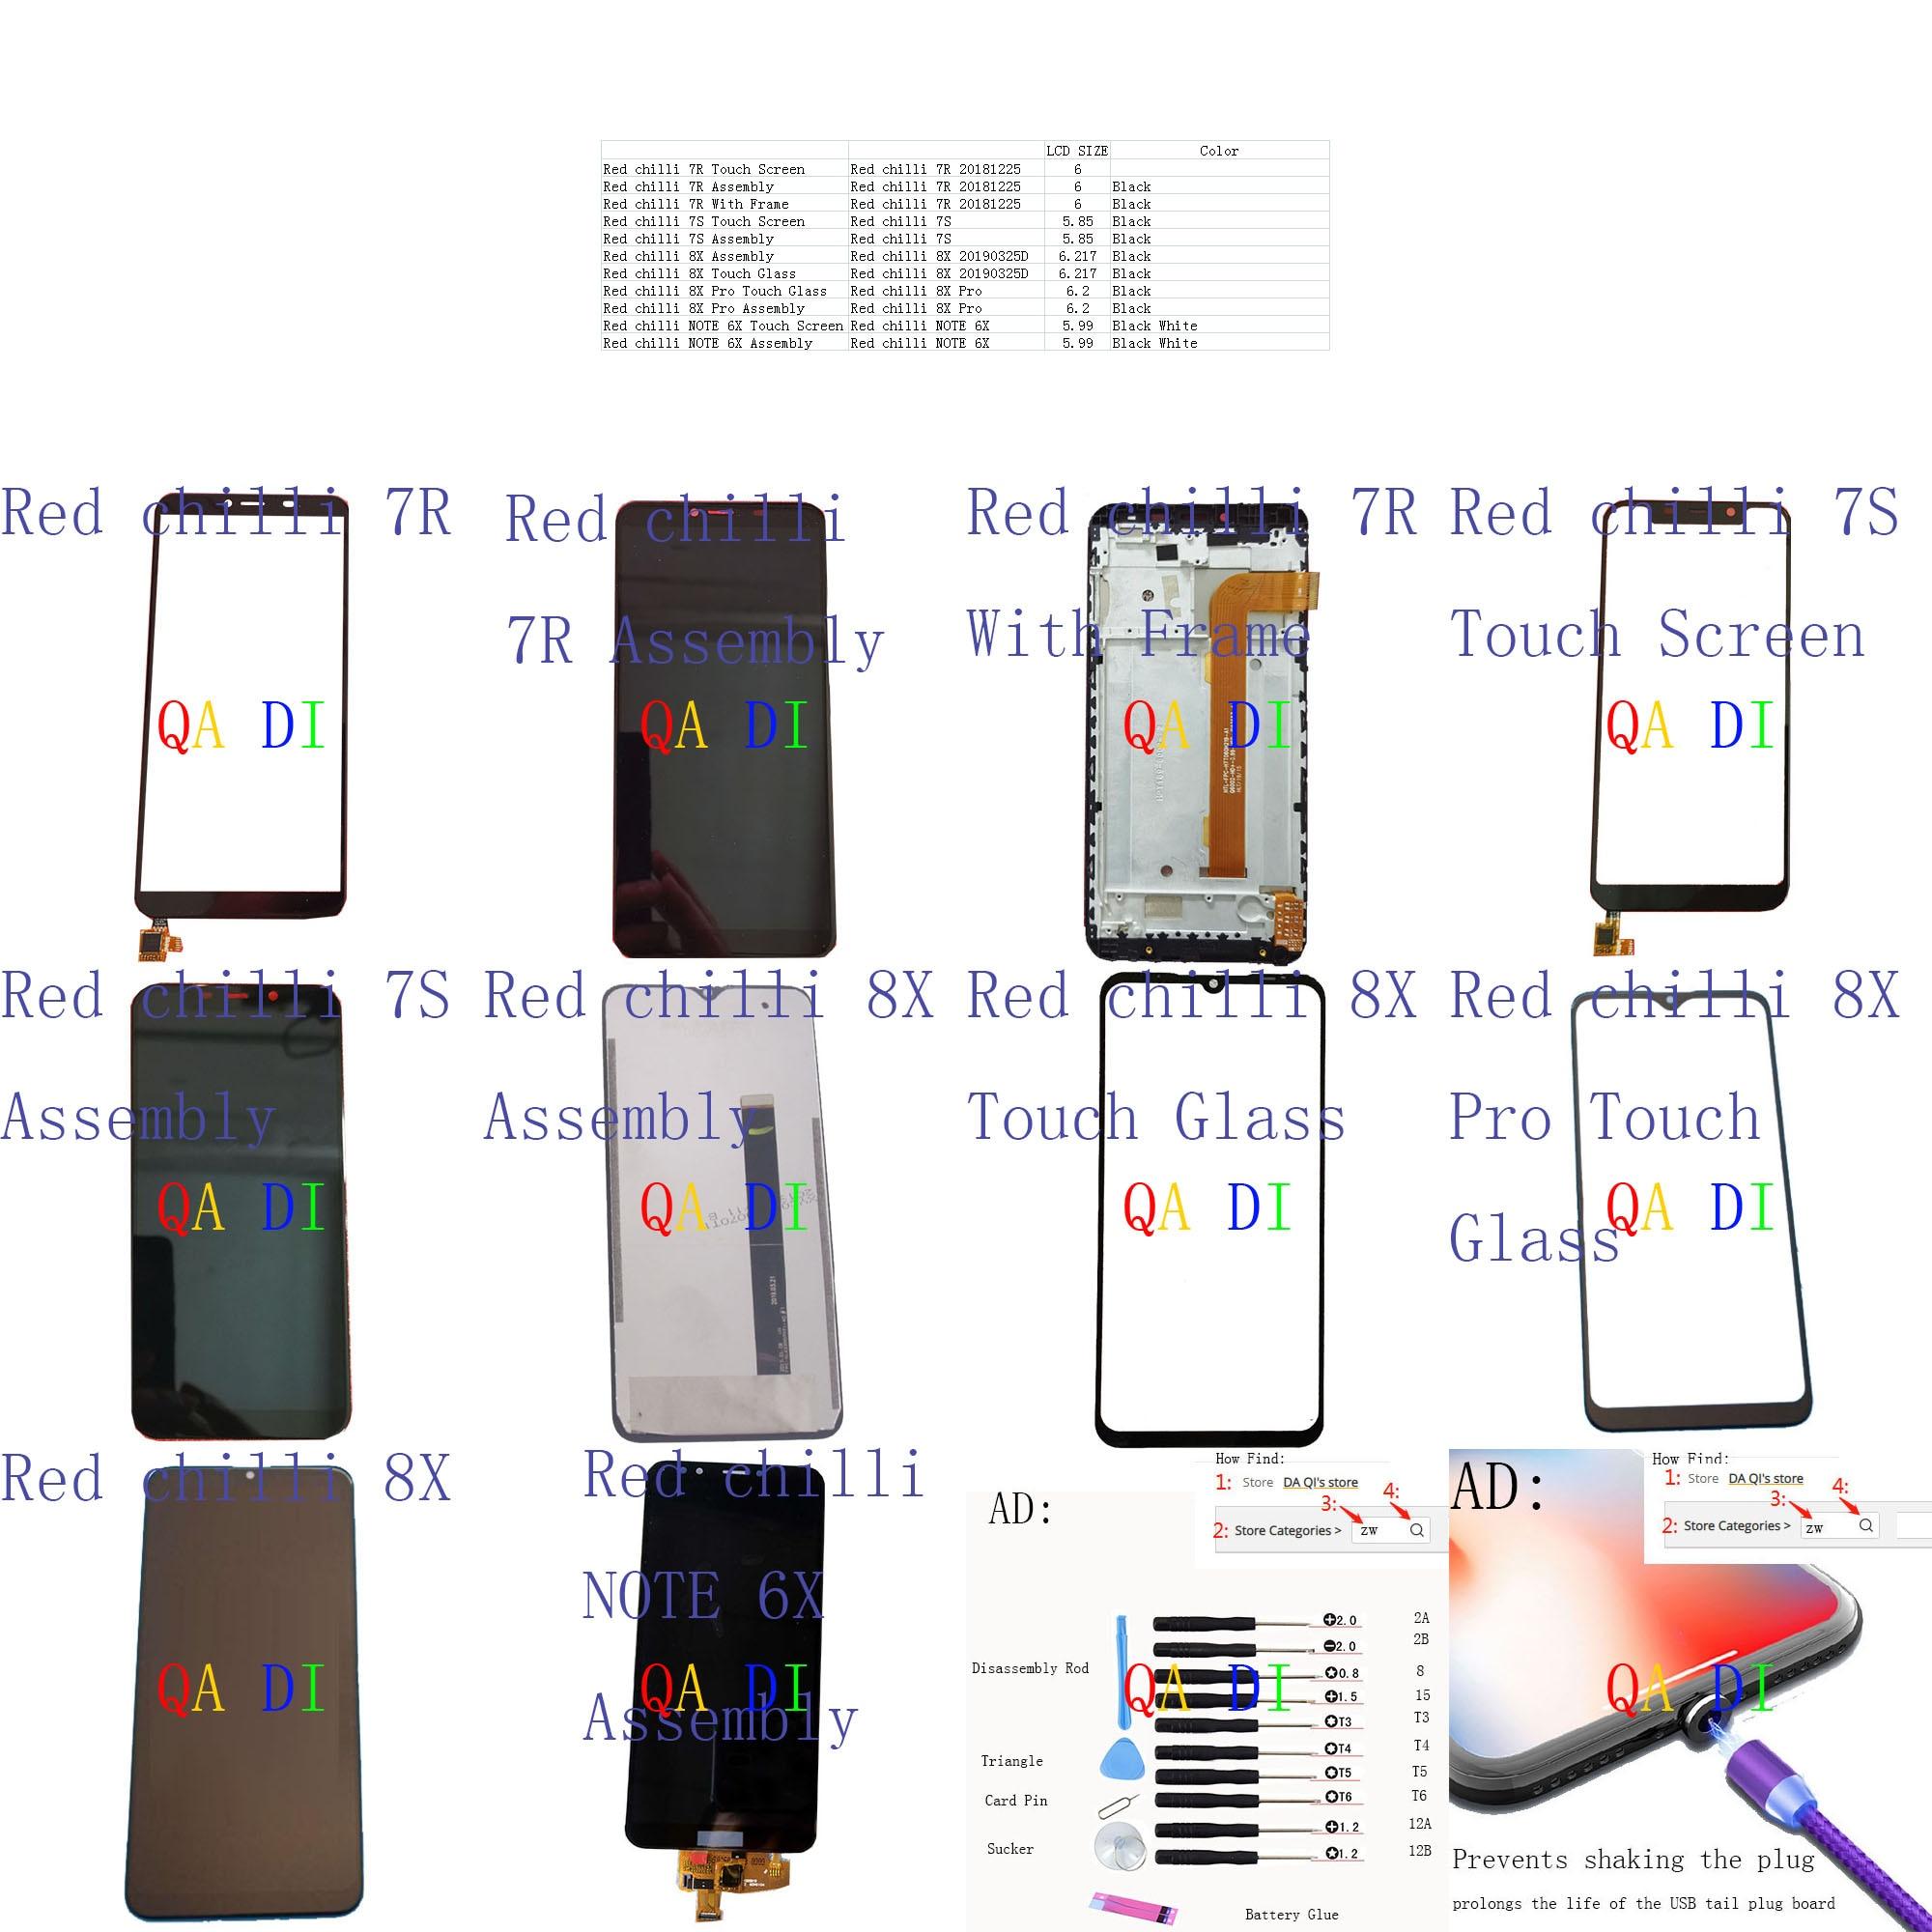 Pantalla táctil pantalla LCD para Asamblea vivo NEX 3 5G S1 Pro V1907 S5 U20 U3 V1923A V1923T V1924A V1924T V1932A V1932T V1941A